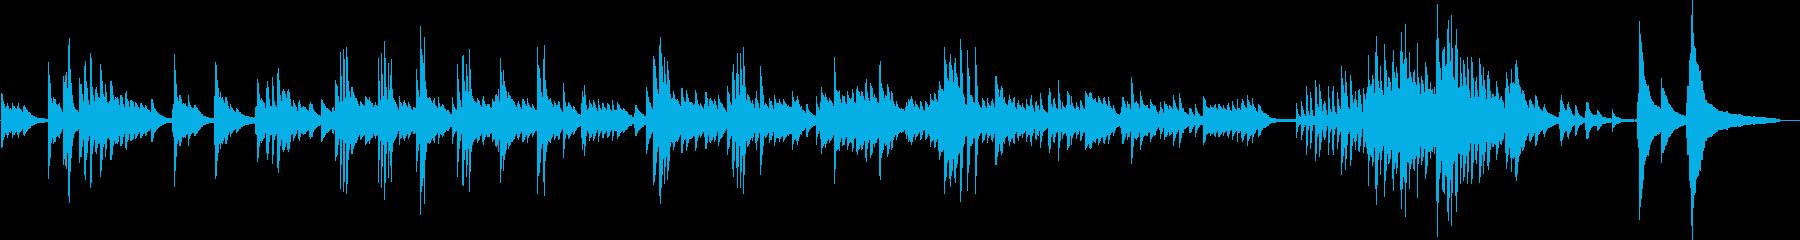 別れ(ピアノ・バラード・悲しい・切ない)の再生済みの波形